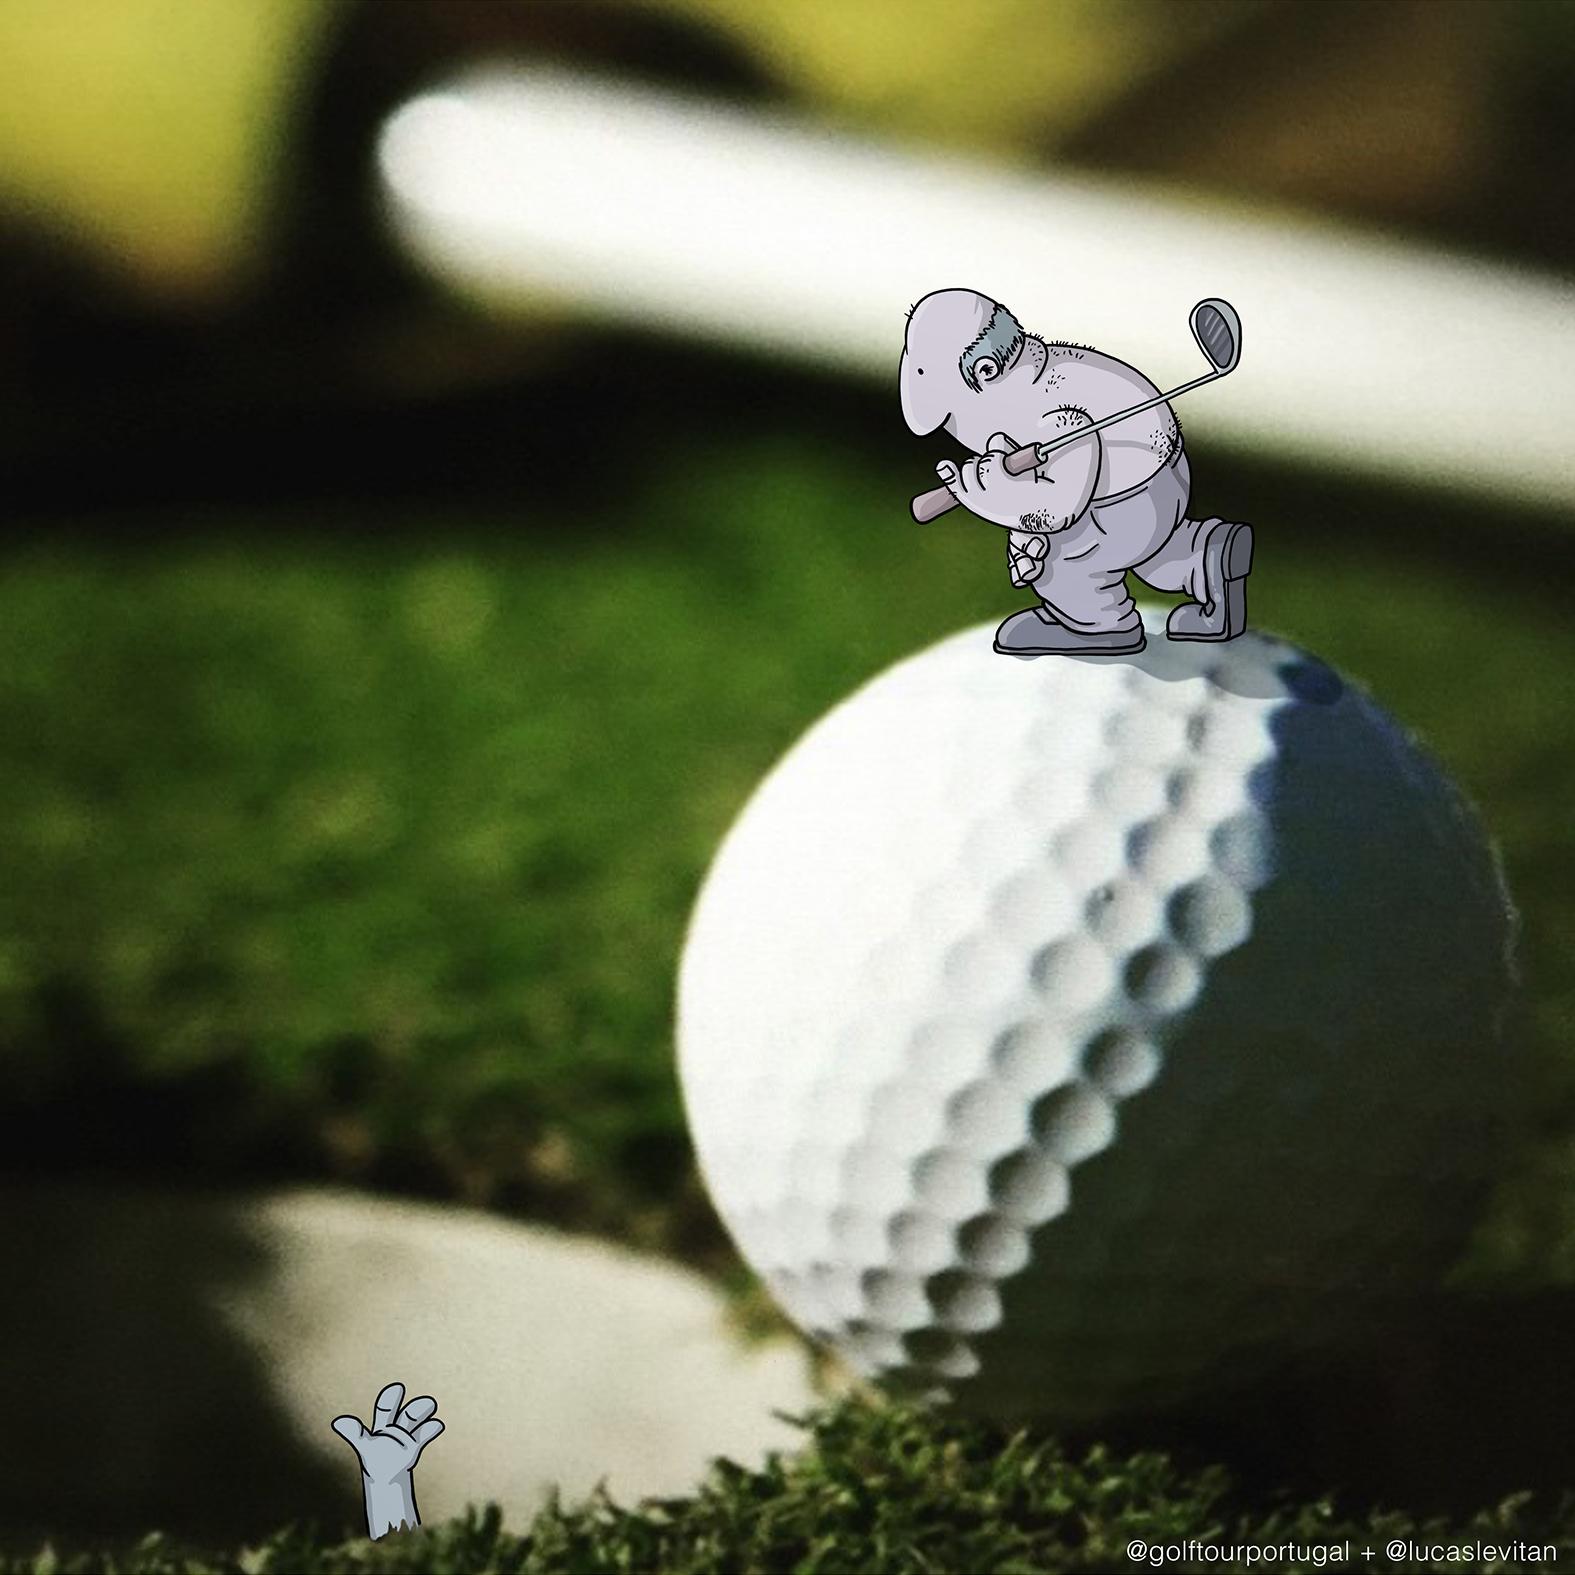 golftourportugal + lucaslevitan.jpg